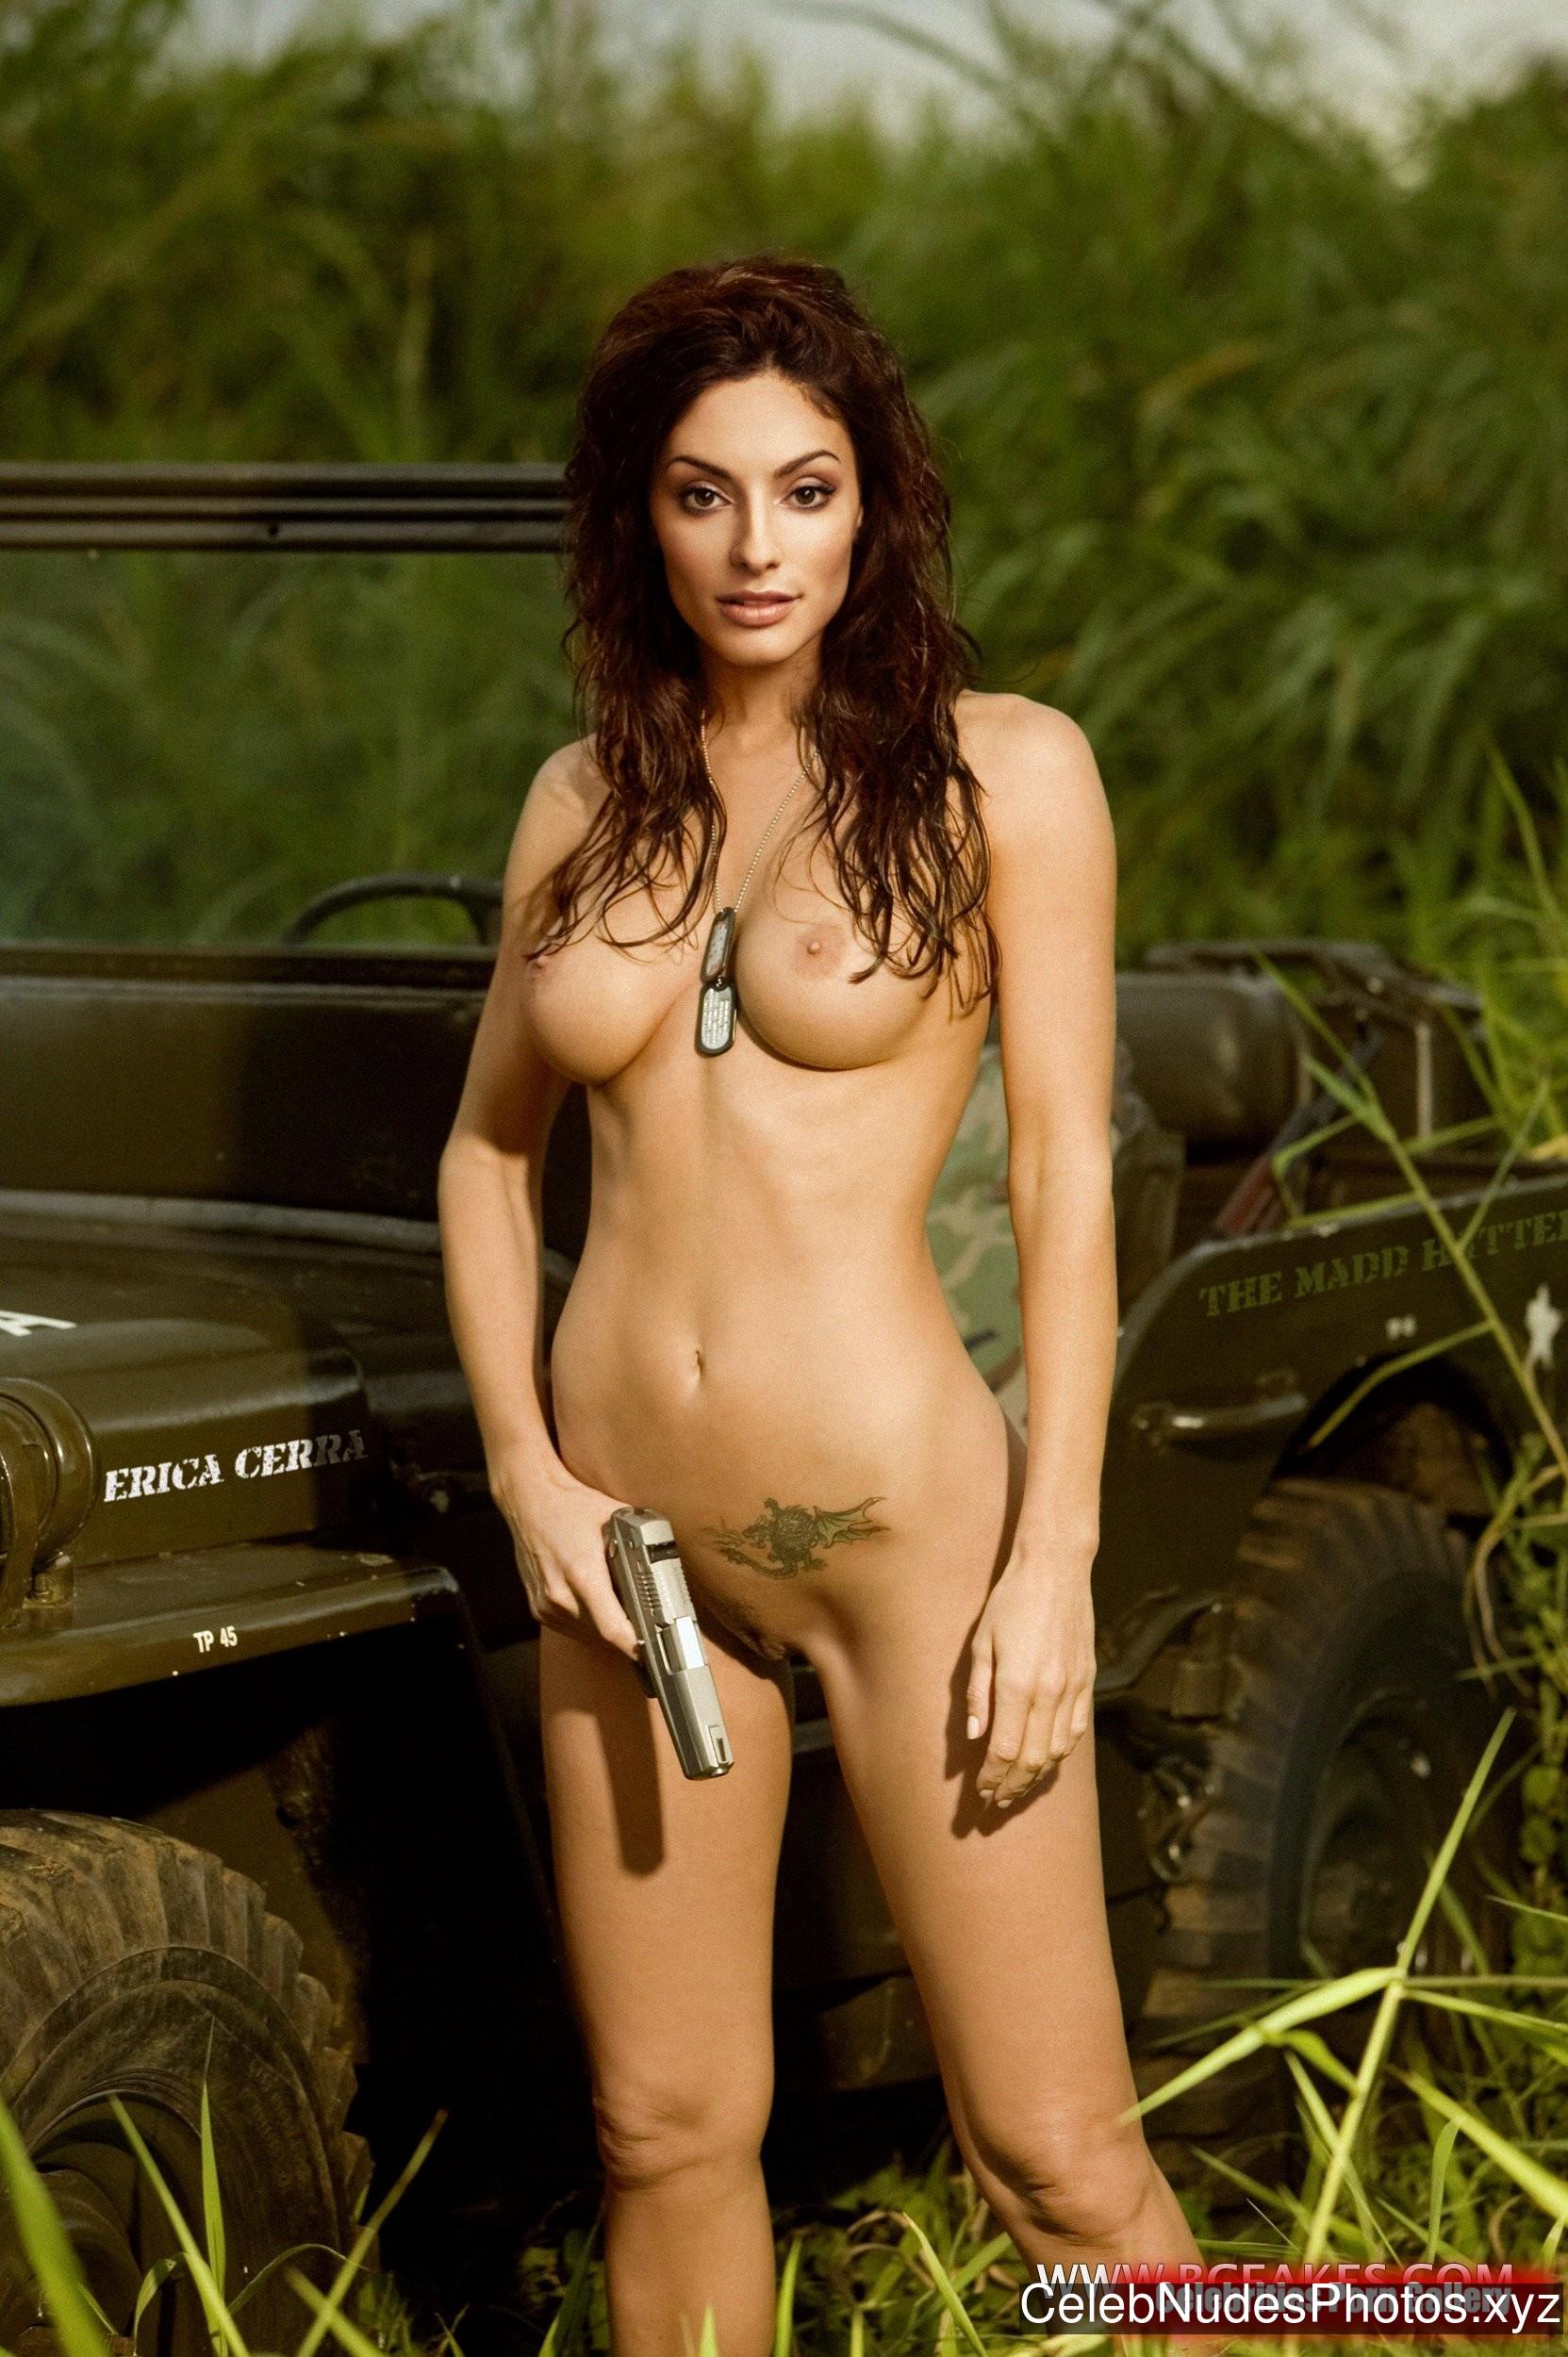 Erica Cerra nude celebrity pics